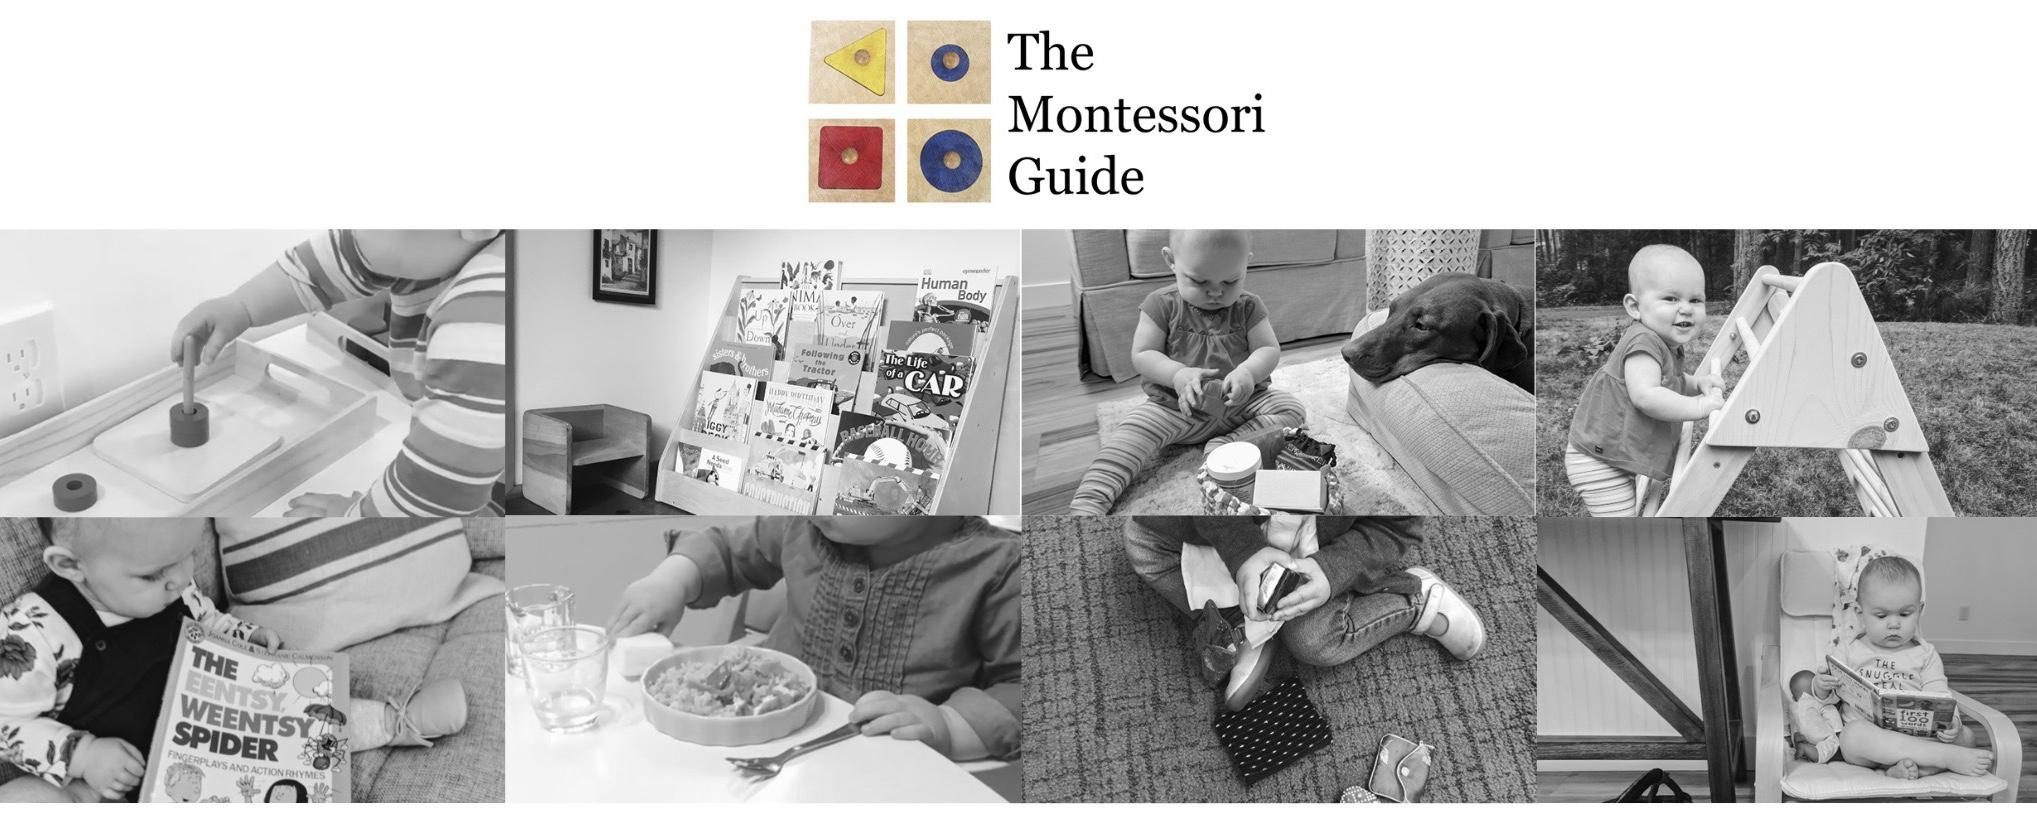 The Montessori Guide